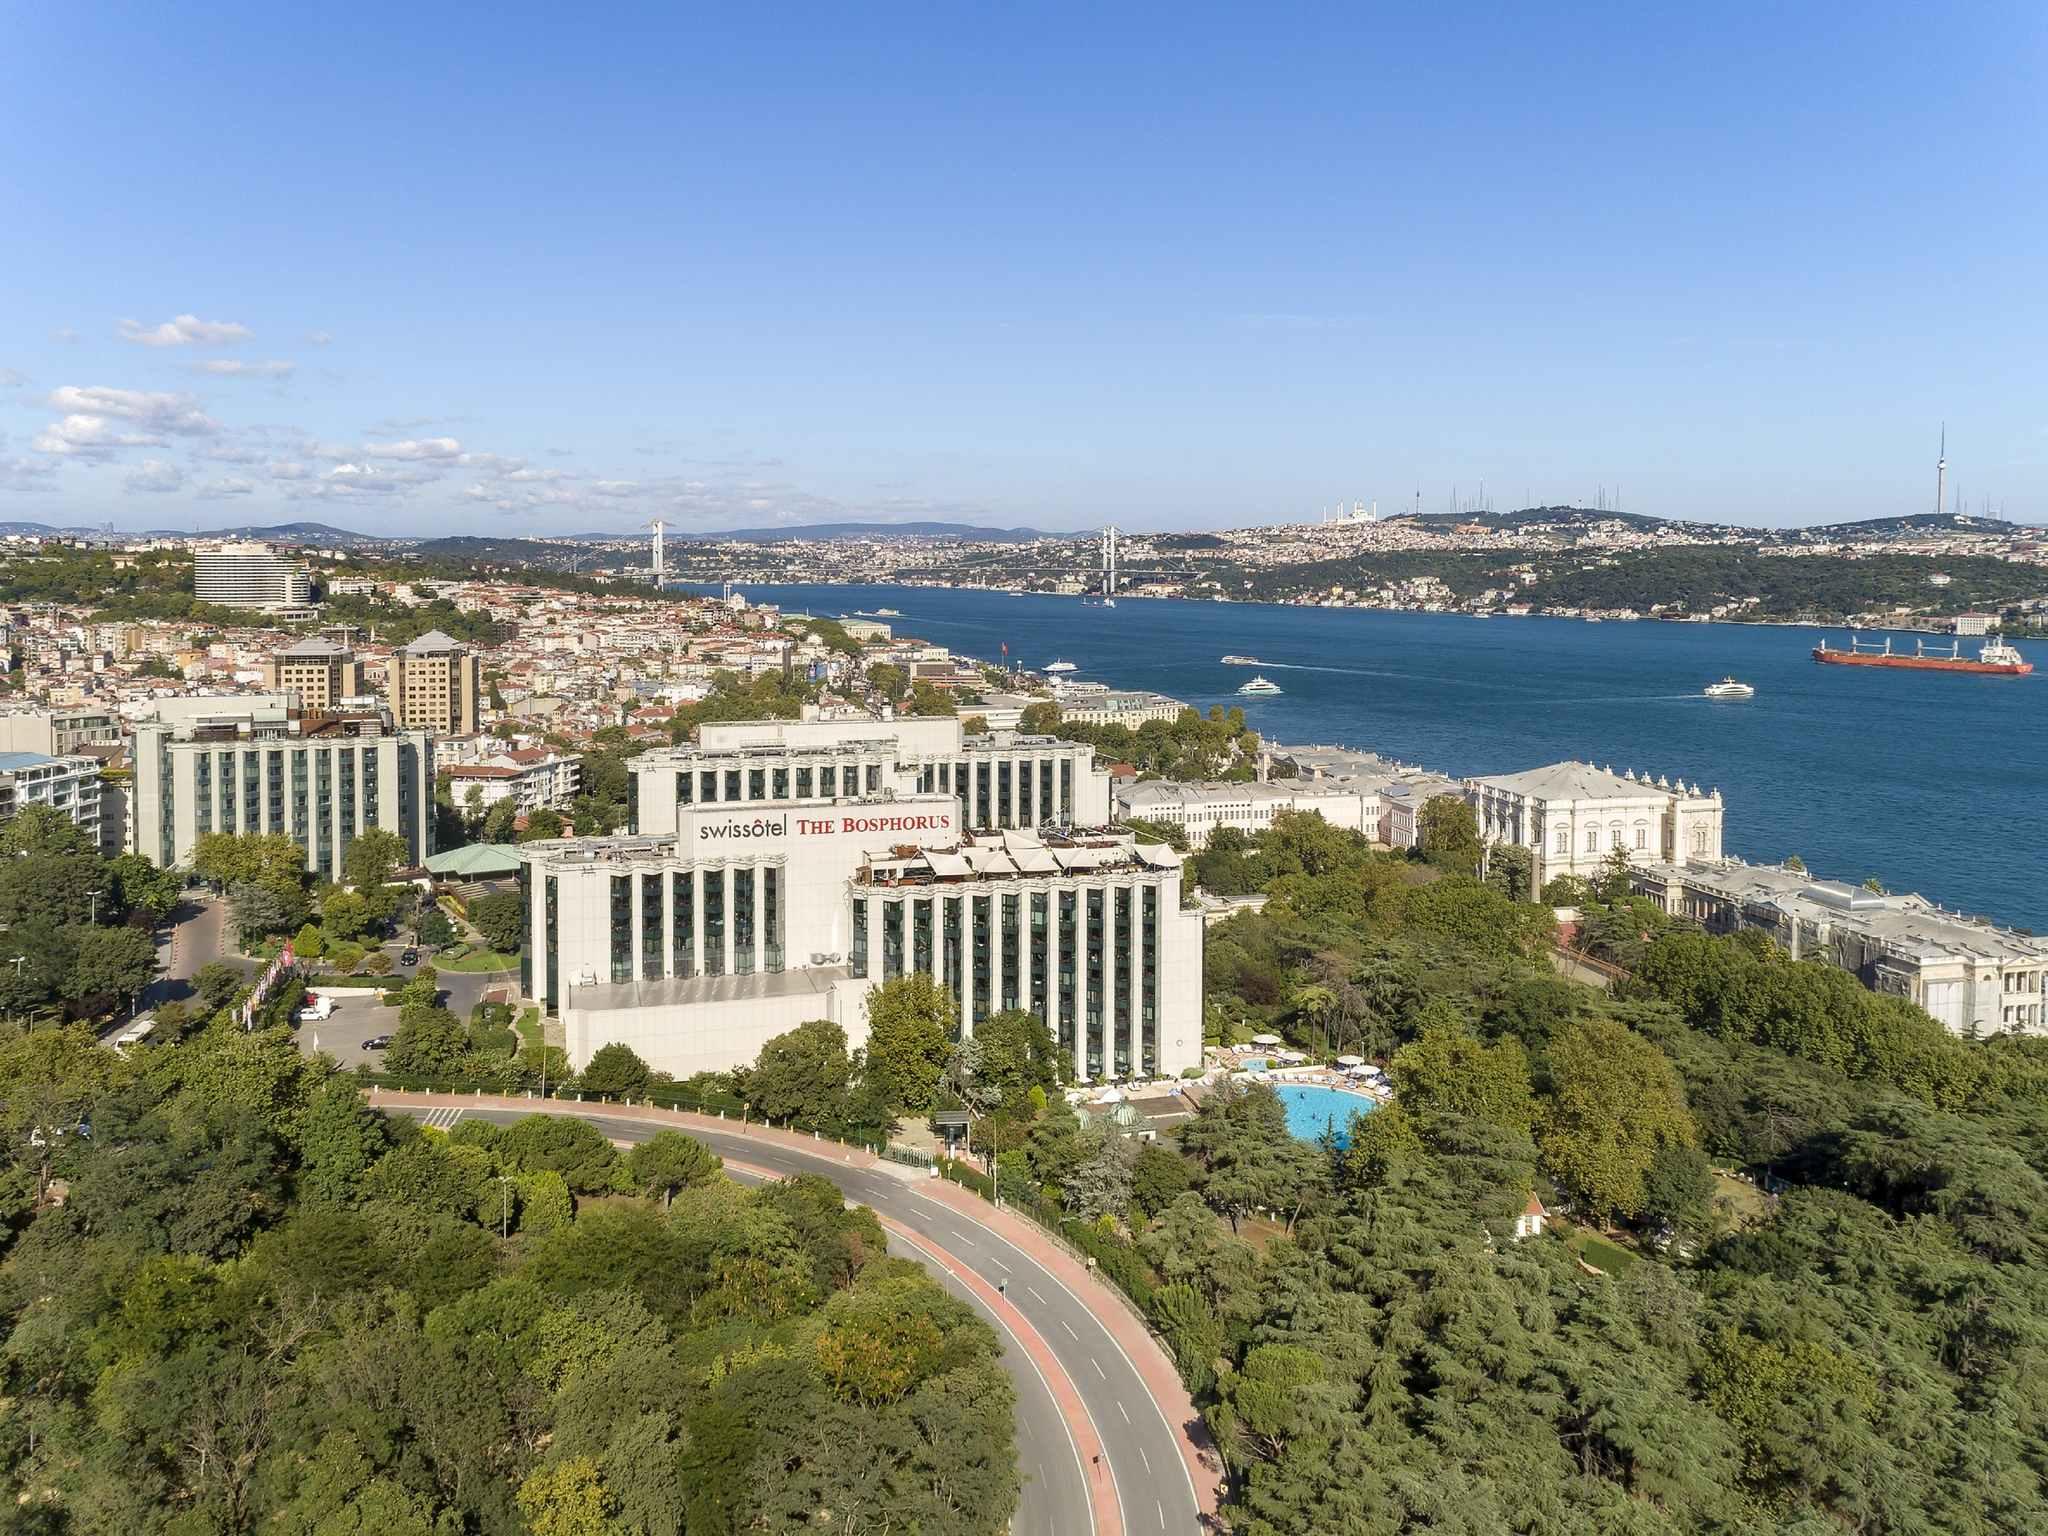 فندق - سويسوتيل البوسفور إسطنبول